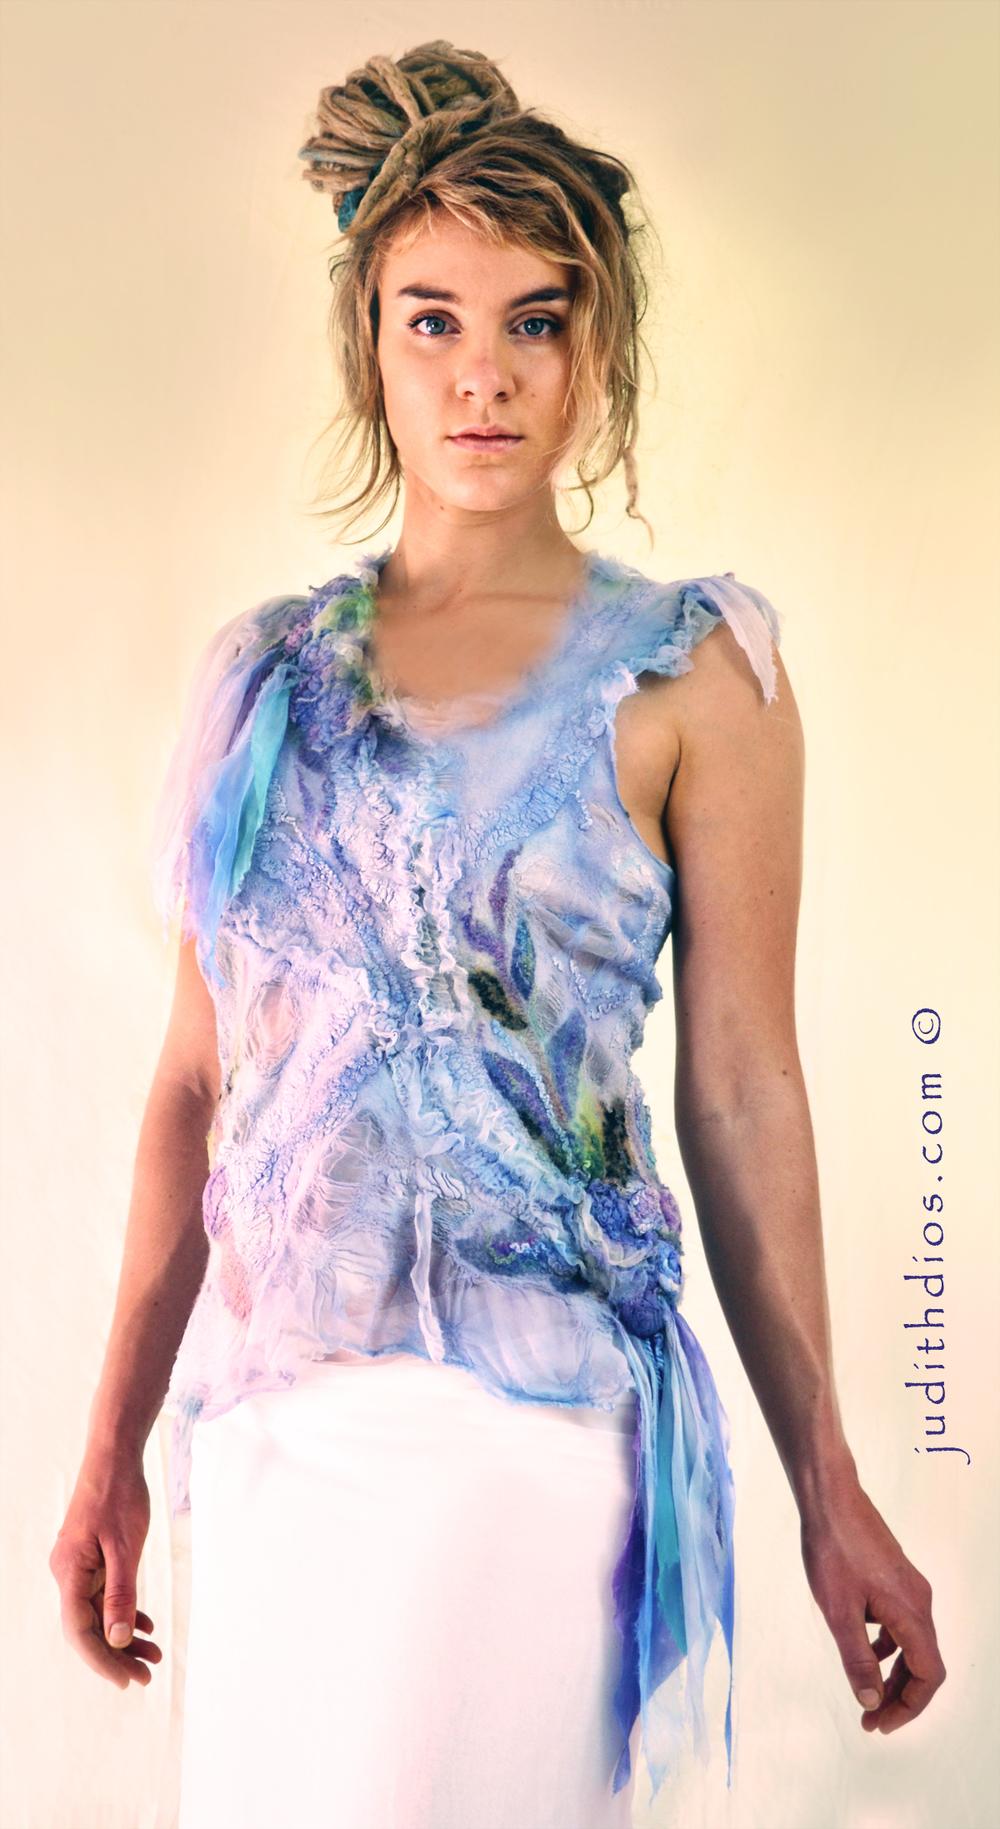 Judith Dios chemise.jpg